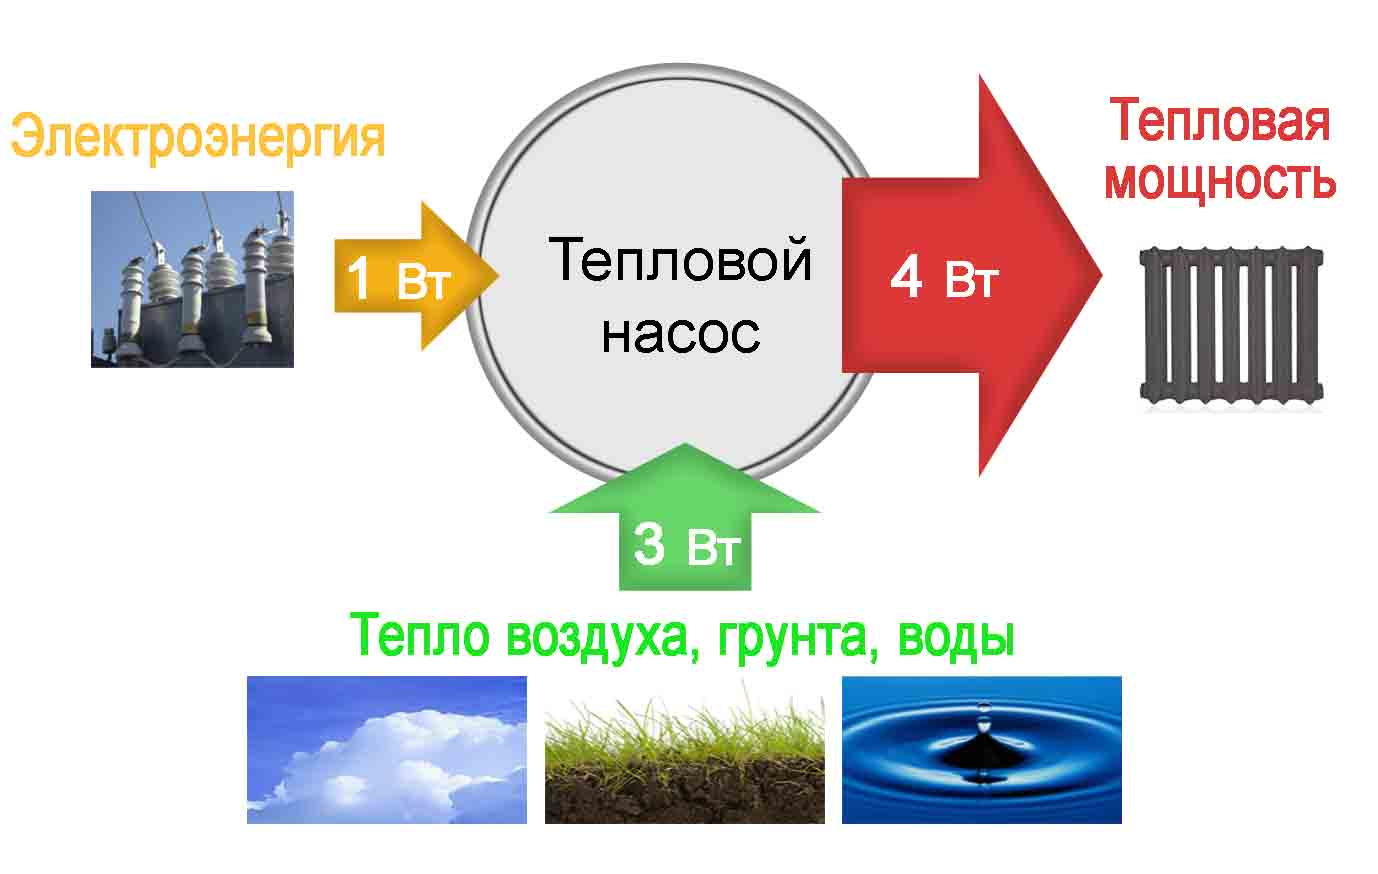 Тепловые насосы: плюсы и минусы - грунтовых, водяных, воздушных